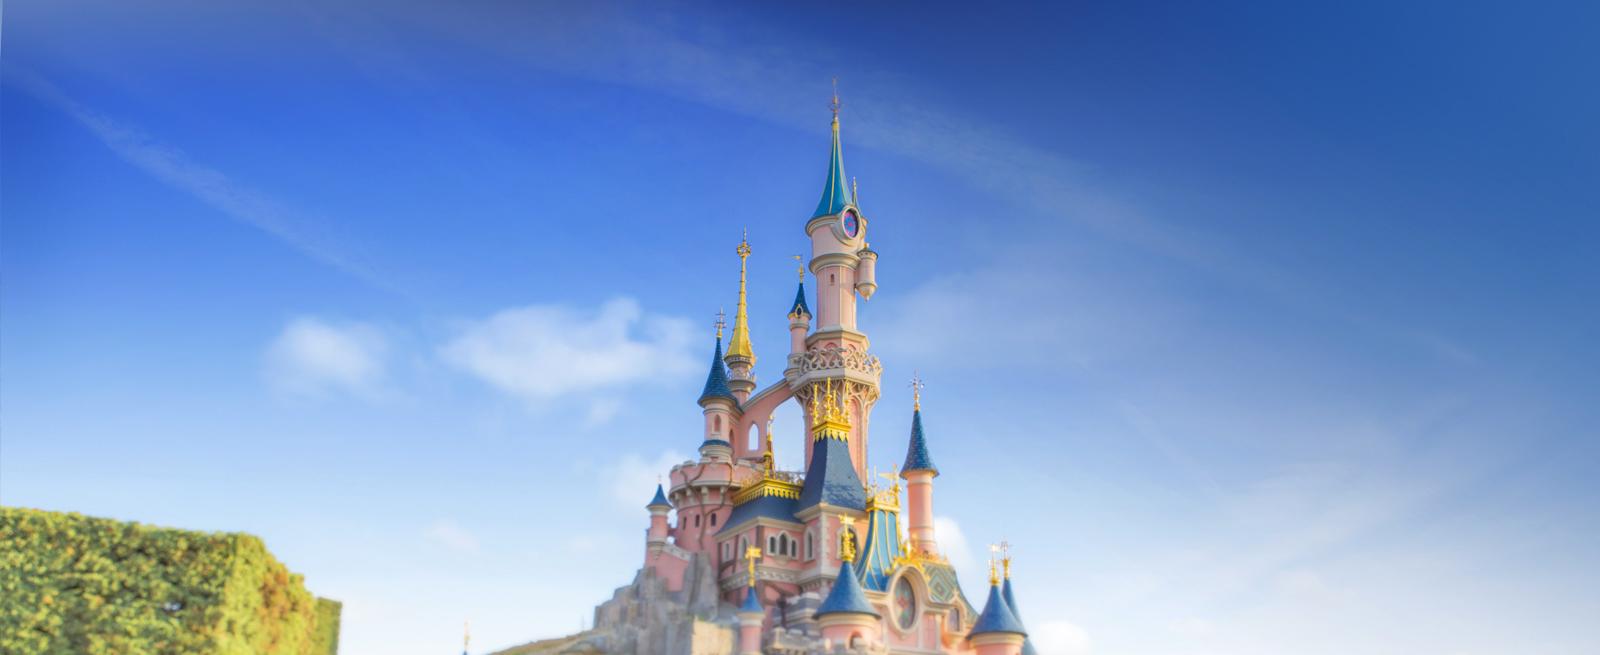 Château Disneyland© Paris